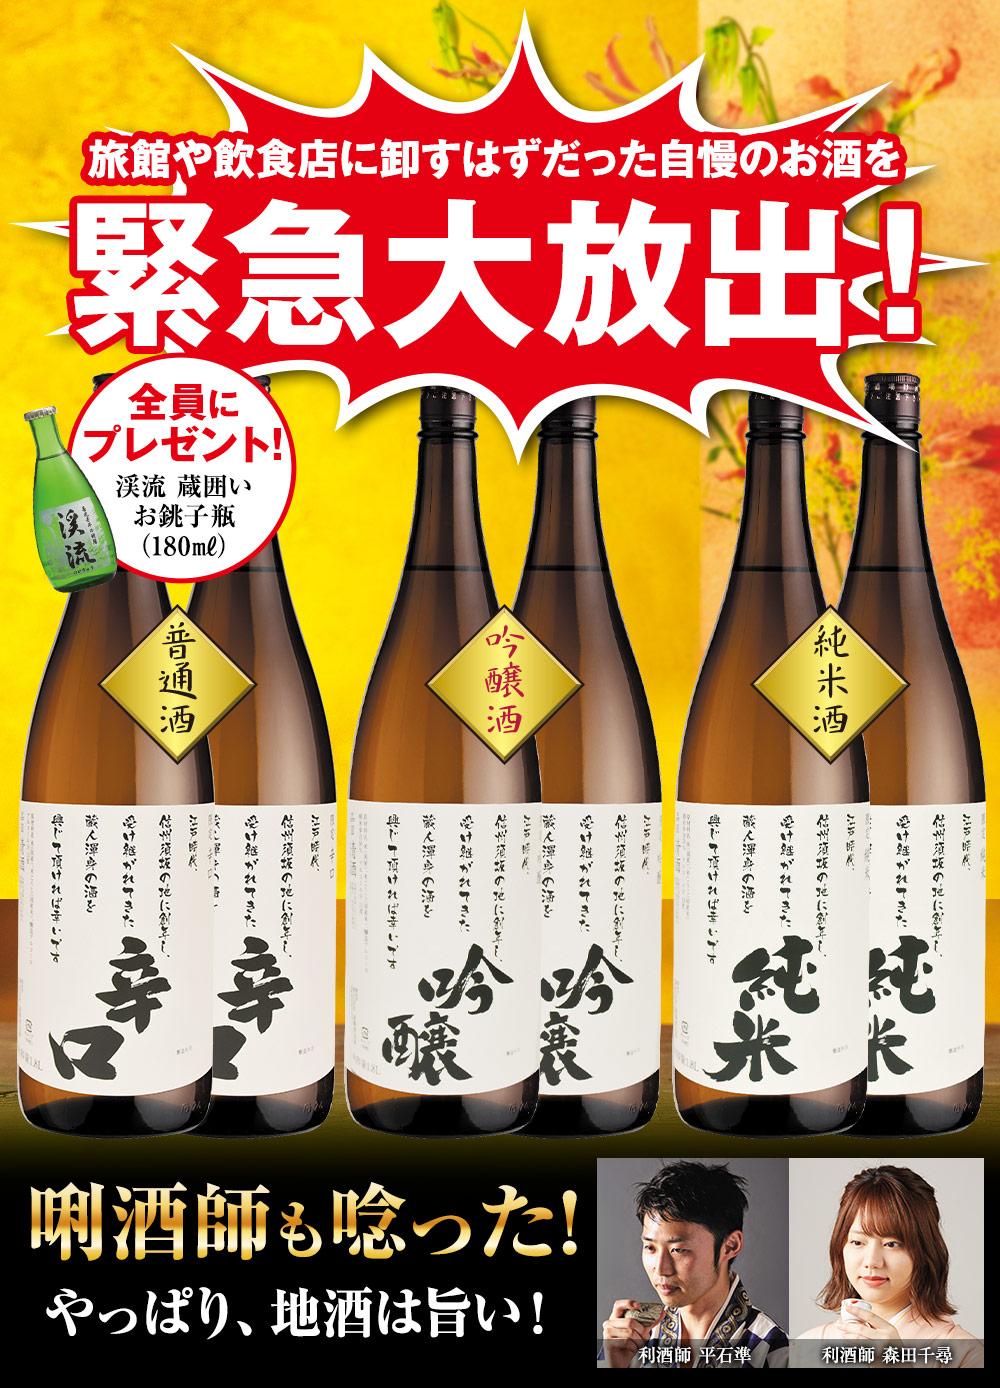 酒蔵応援福袋(遠藤酒造場)